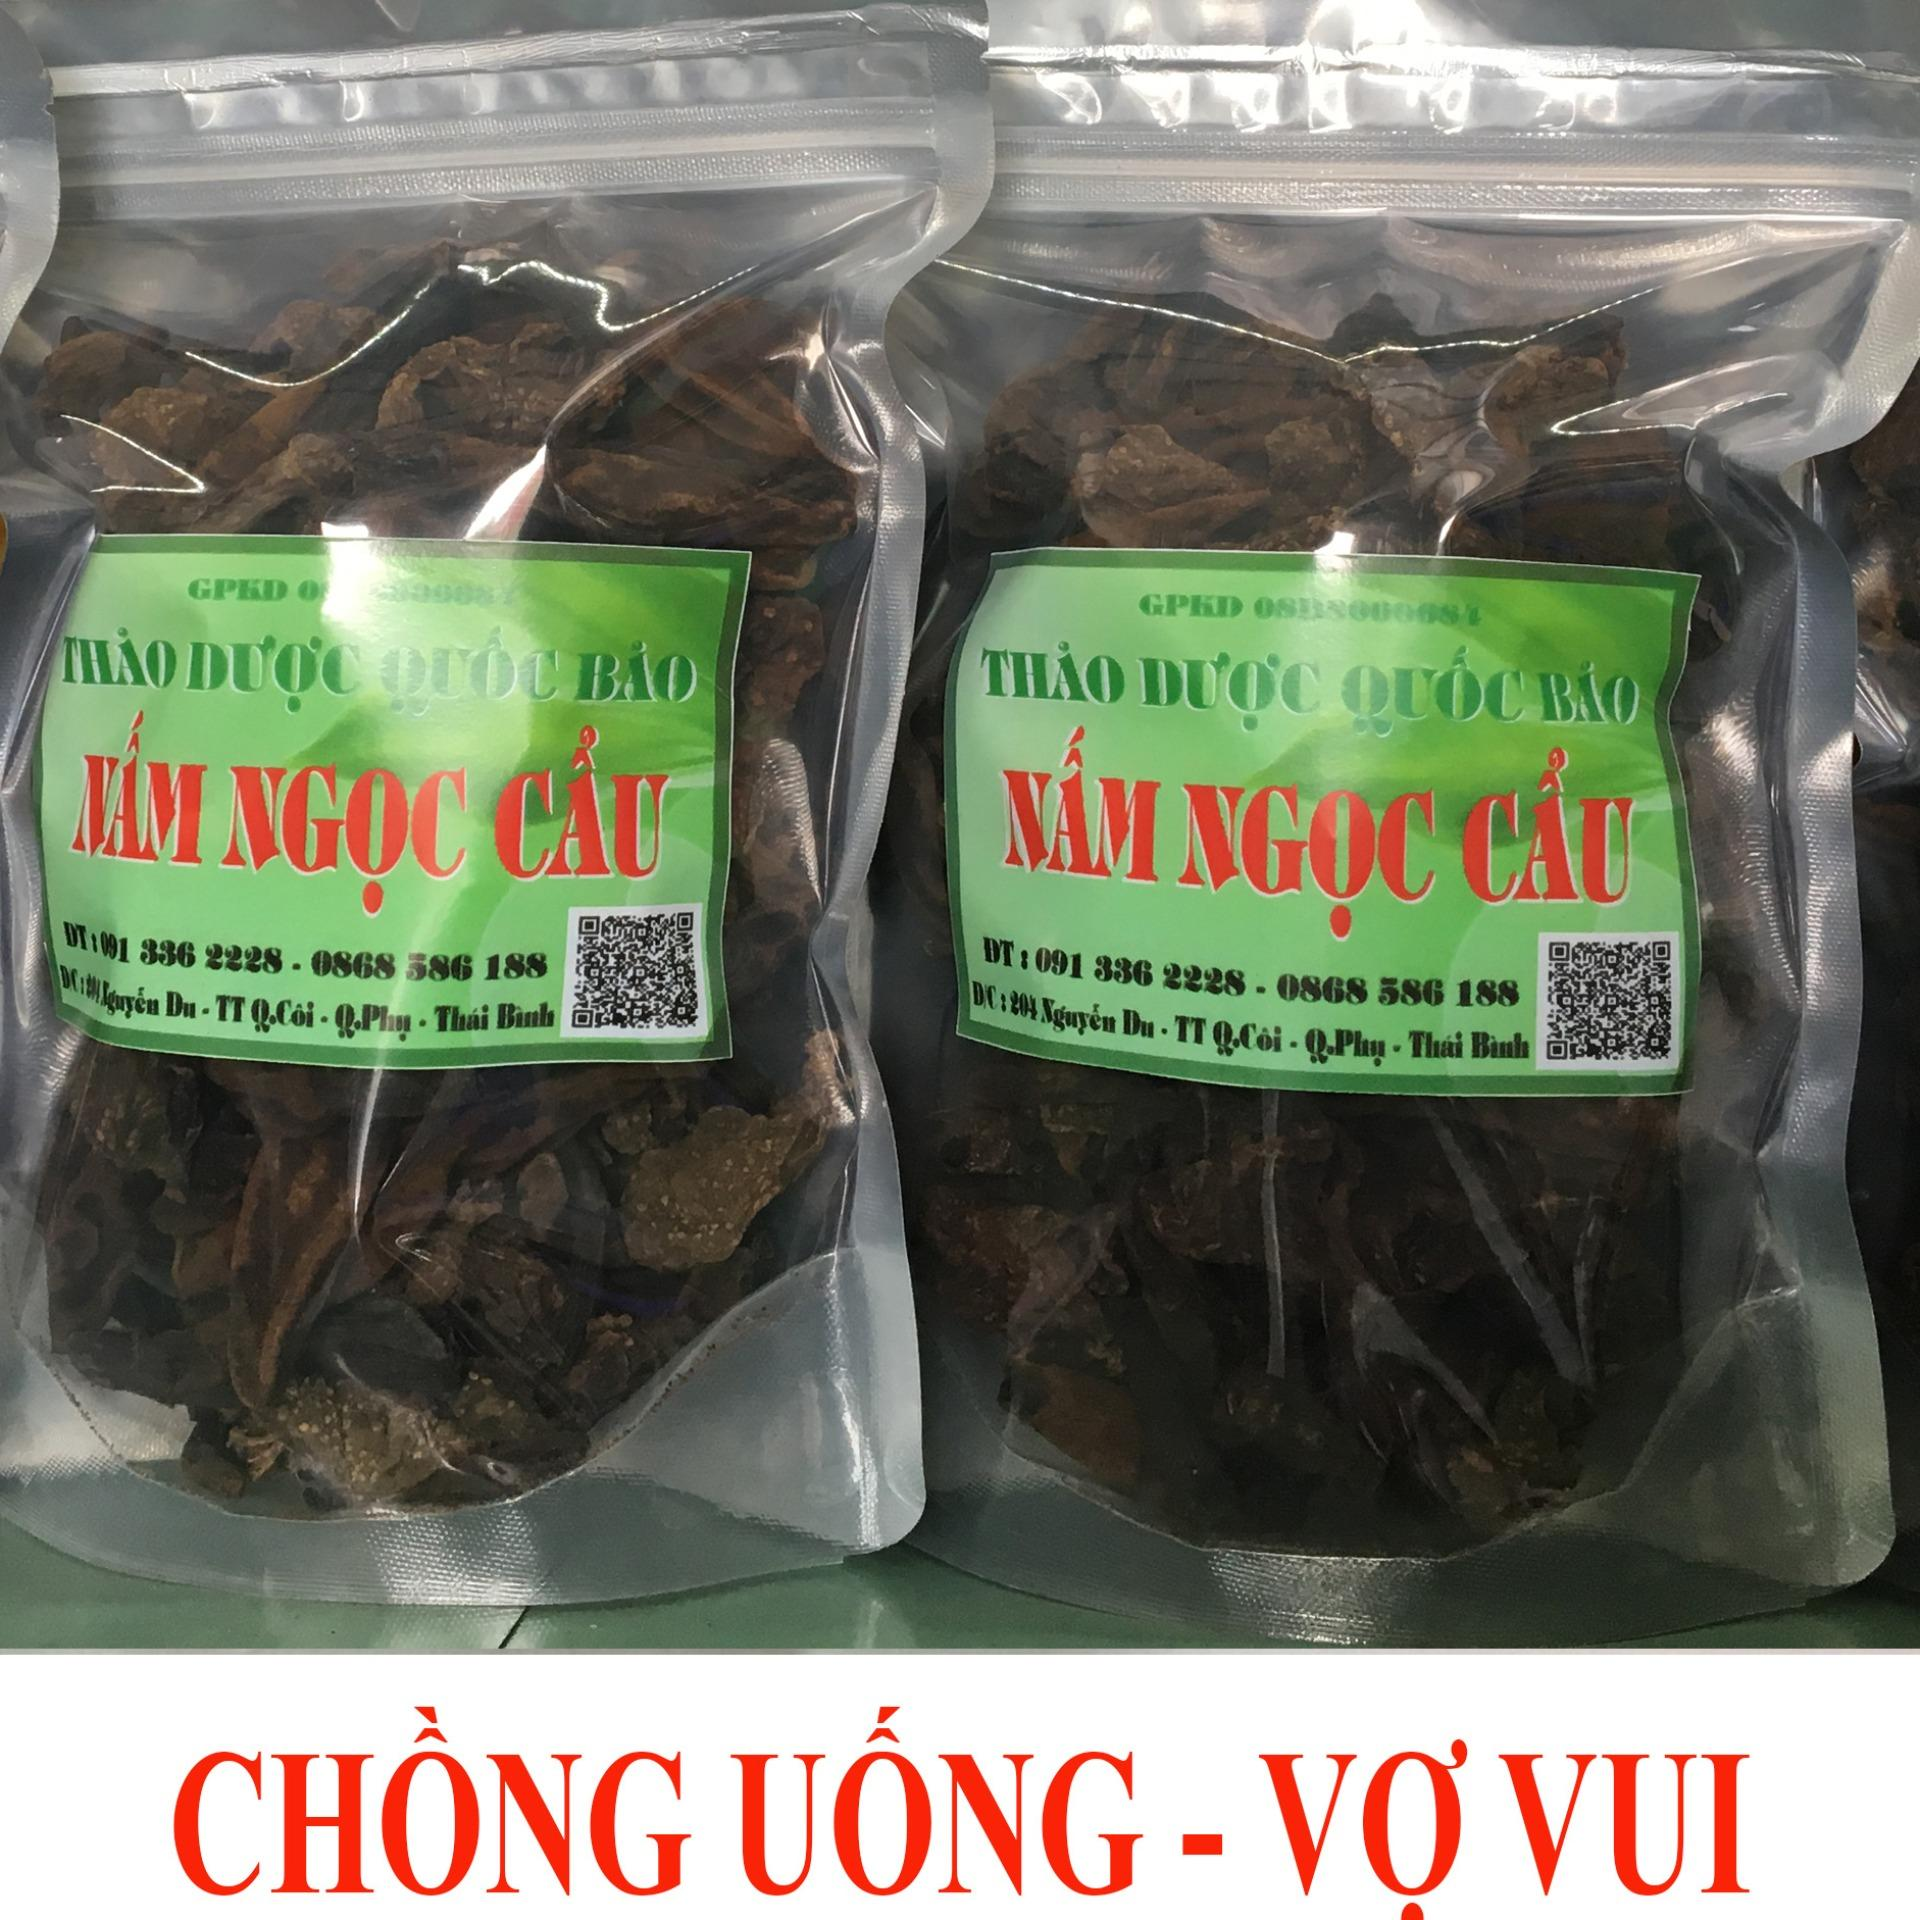 nấm ngọc cẩu khô 500g nguyên búp cao cấp